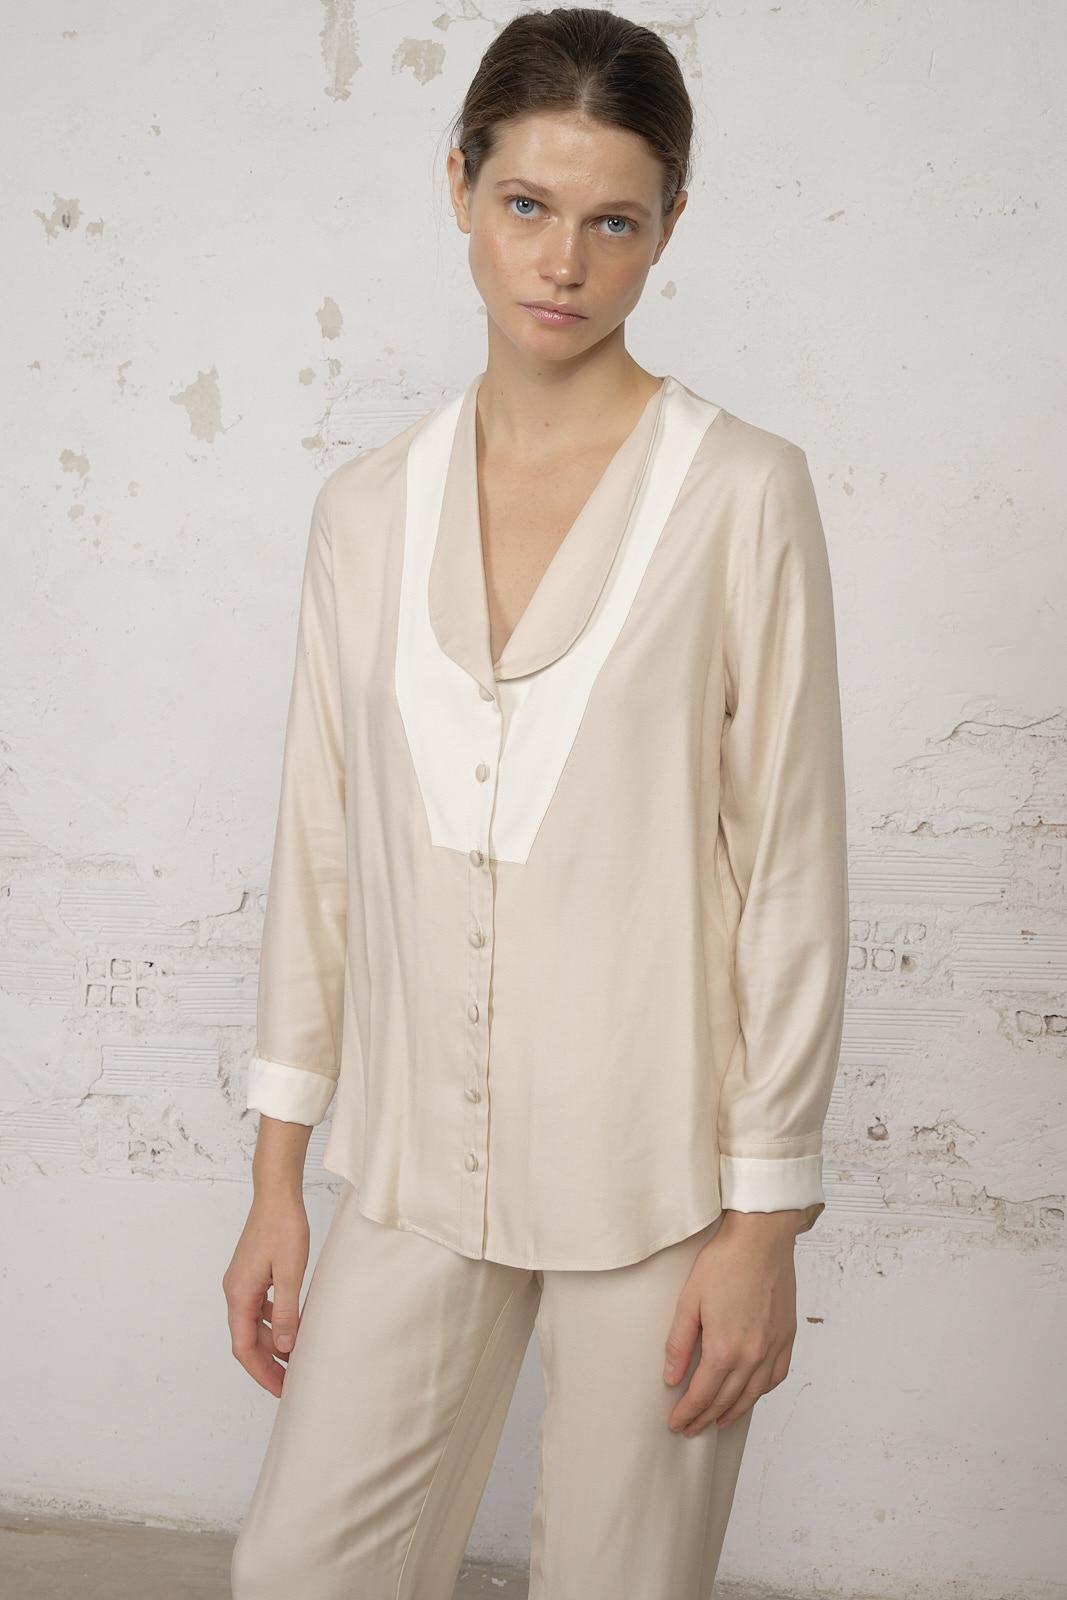 Pijama beige y blanco